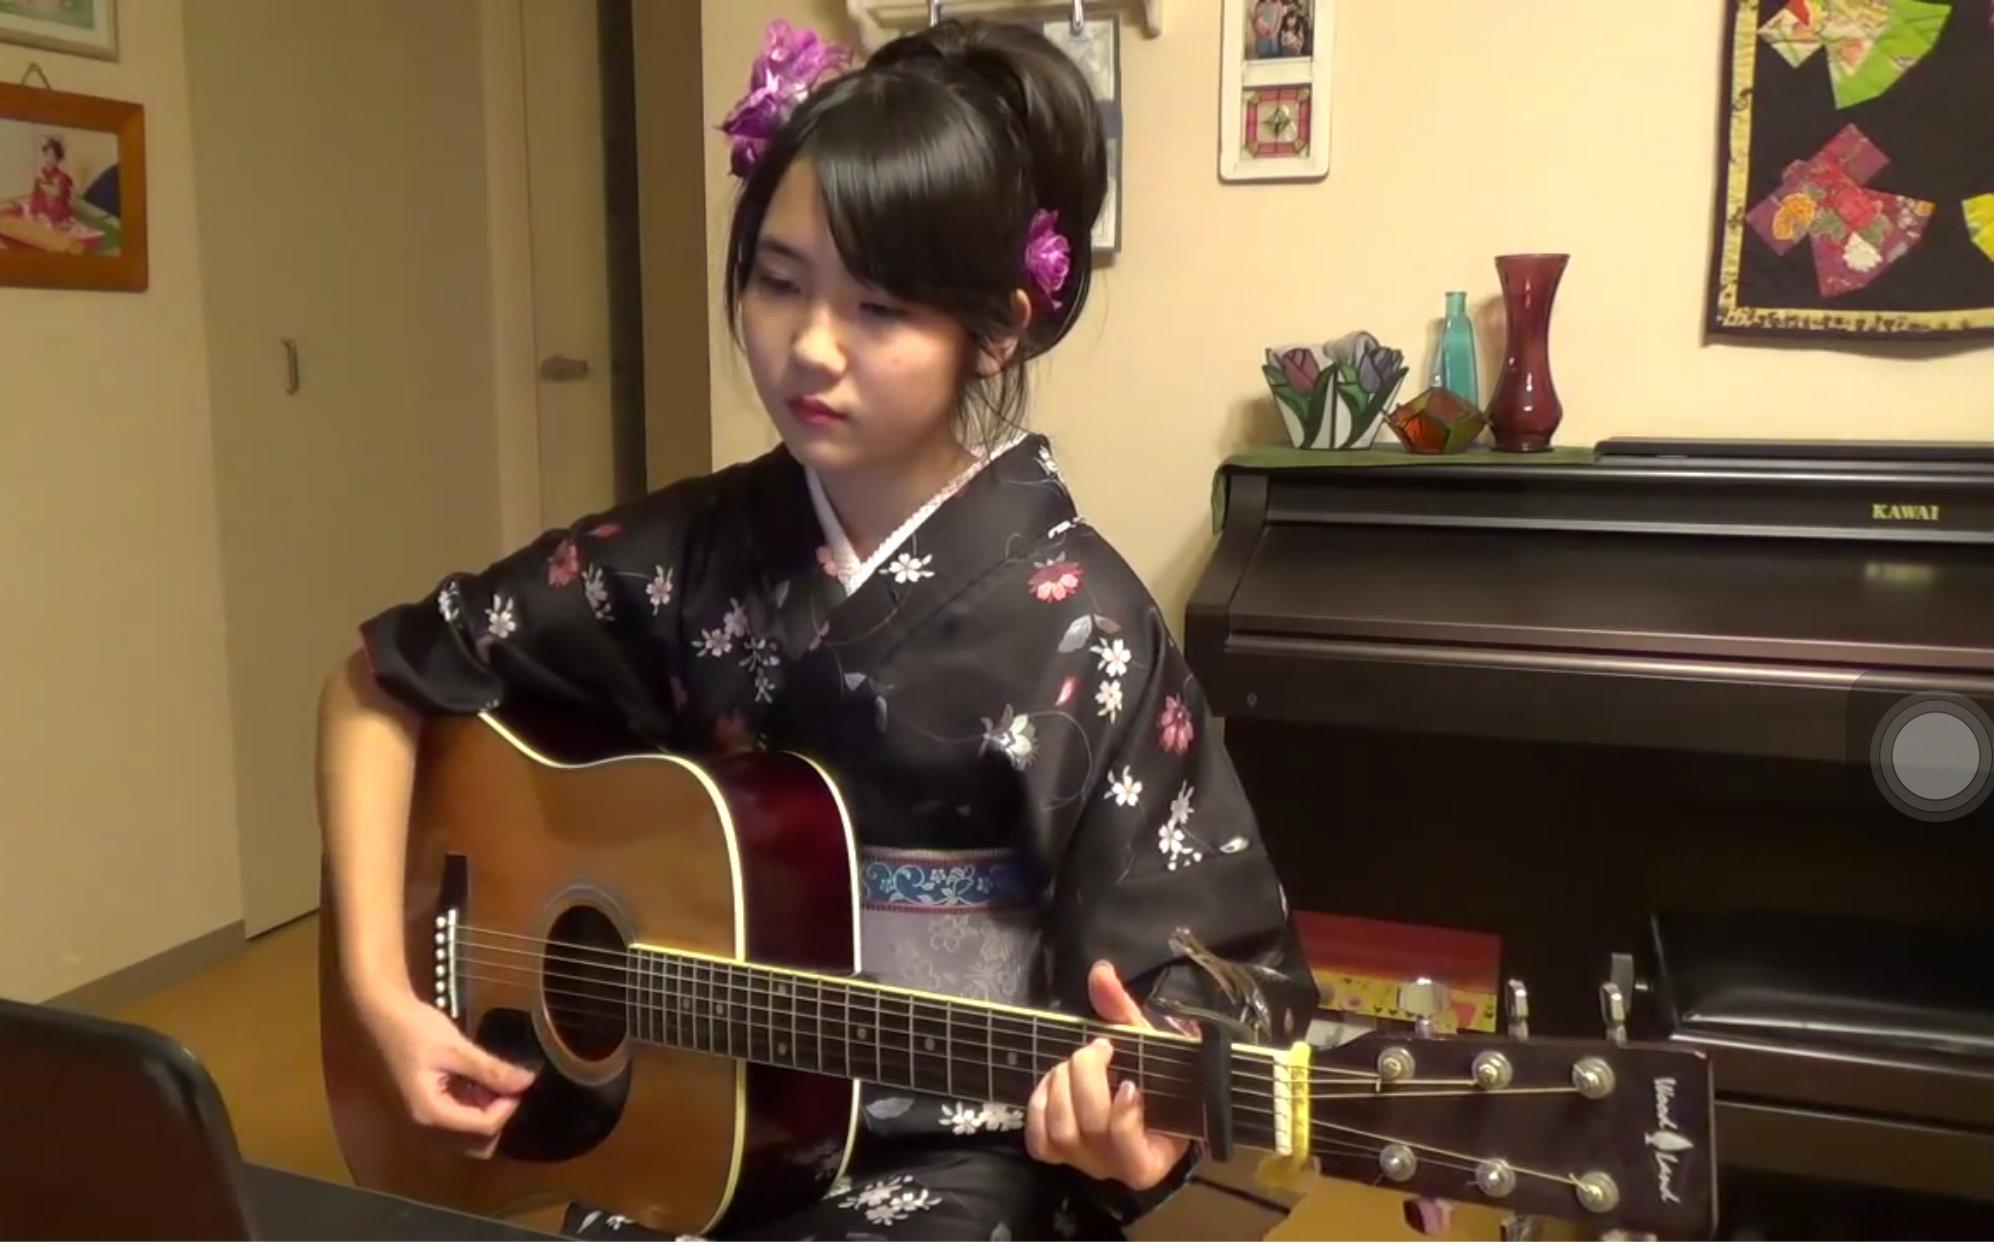 【吉他/弹唱】吉原哀歌-日文名之度娘也不会翻译系列